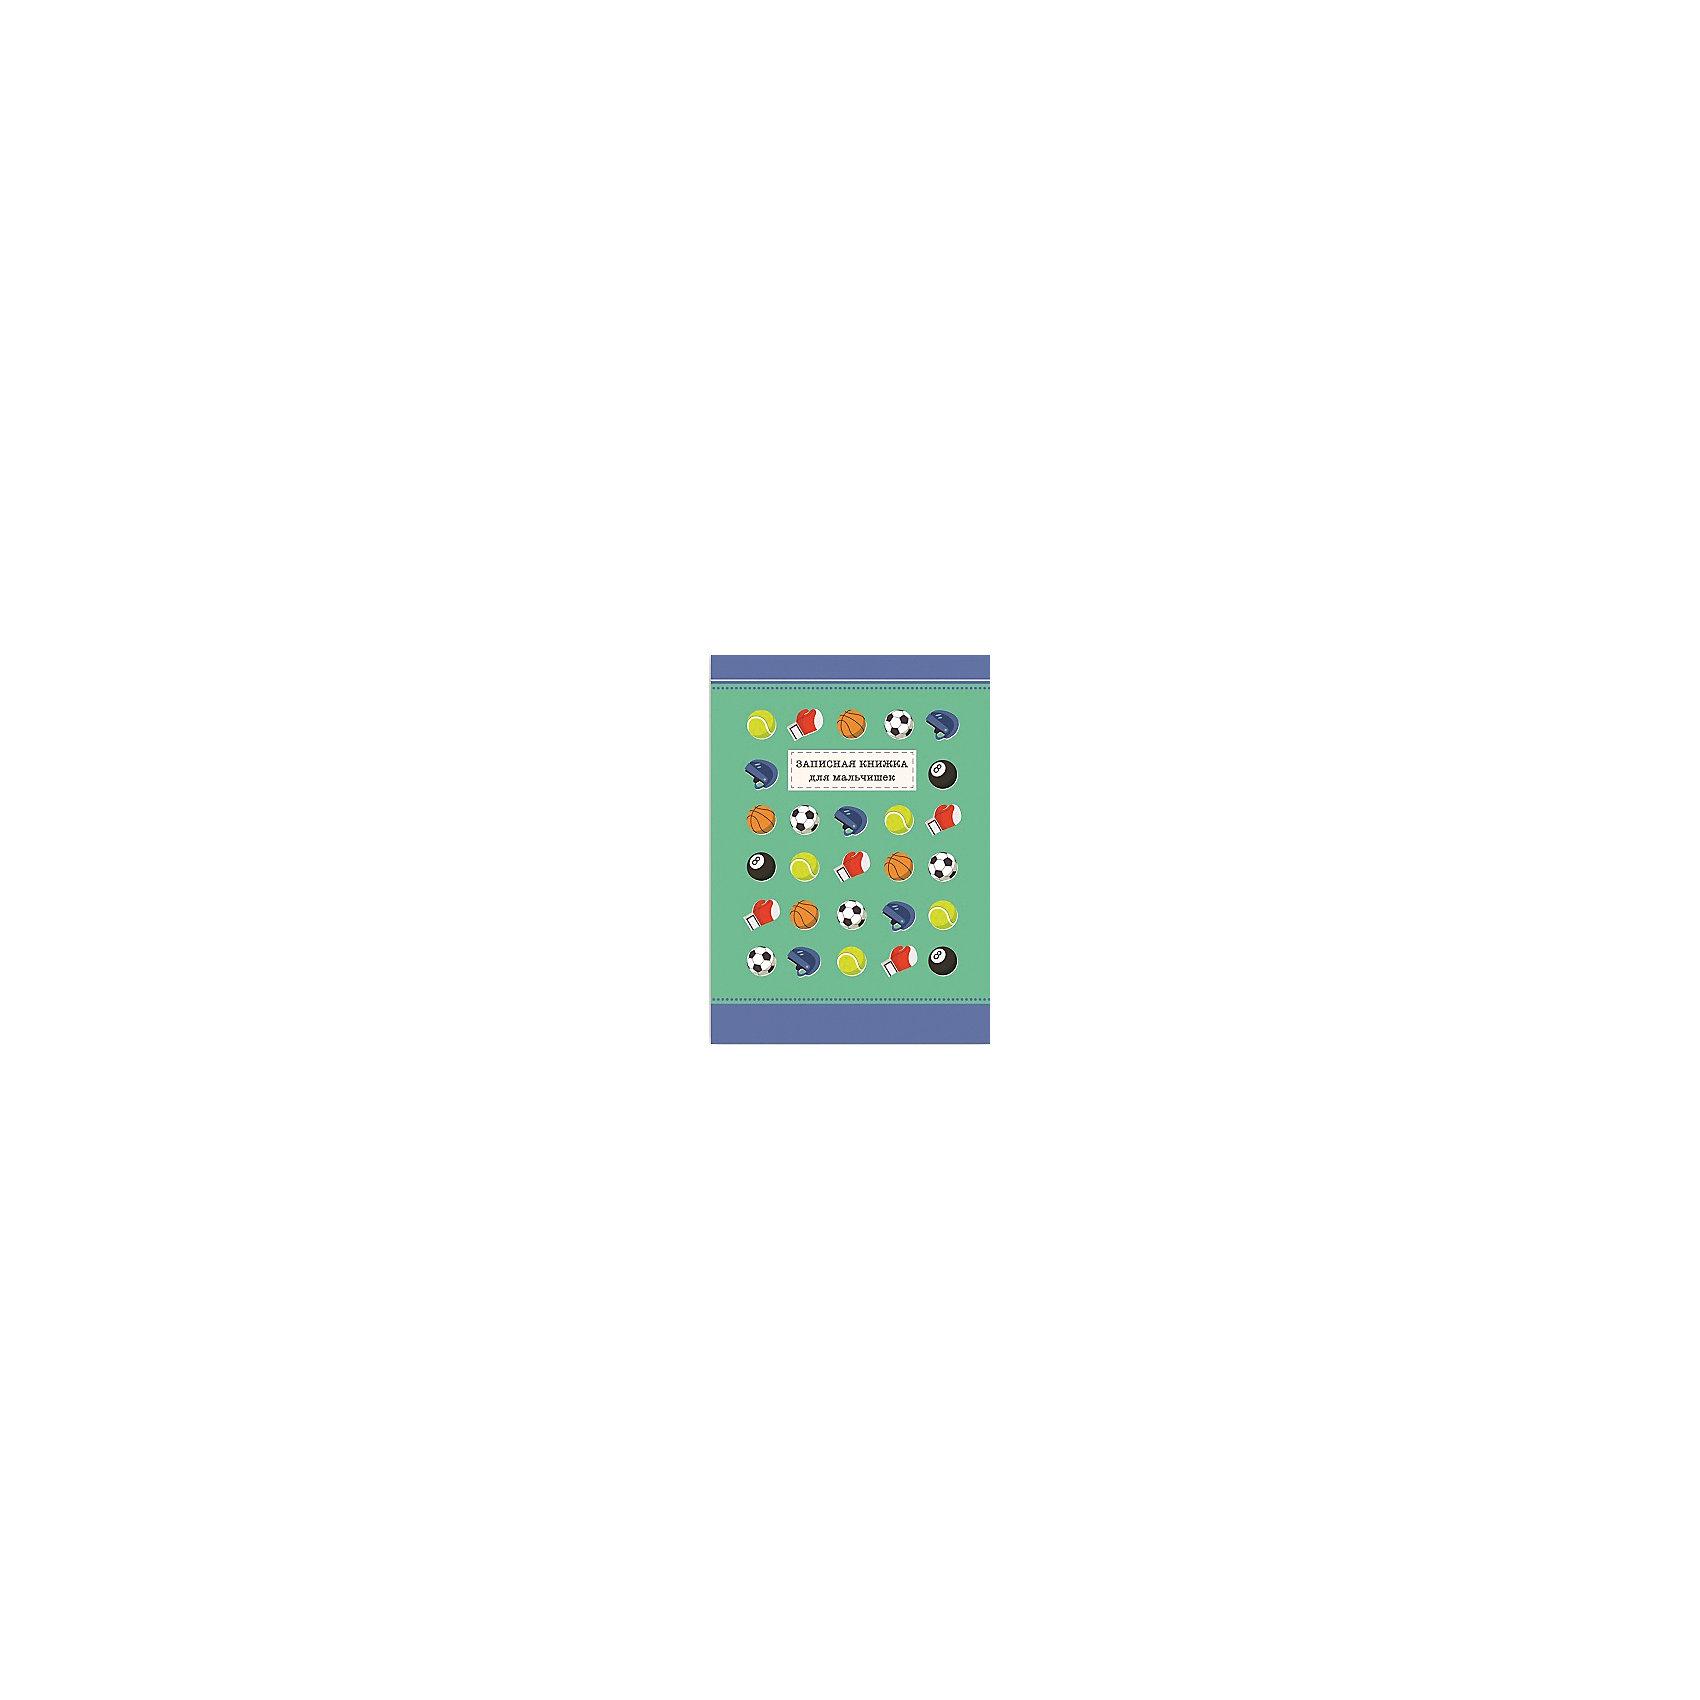 Записная книжка мир спорта Феникс+Бумажная продукция<br>Записная кн. д/мальчишек МИР СПОРТА /А-5,128 стр,7БЦ под глянц.пленкой, тисн. цв. фольгой, полноцв.печать внутр.блока, бумага офсет//<br><br>Ширина мм: 205<br>Глубина мм: 145<br>Высота мм: 100<br>Вес г: 250<br>Возраст от месяцев: 72<br>Возраст до месяцев: 2147483647<br>Пол: Мужской<br>Возраст: Детский<br>SKU: 7046198